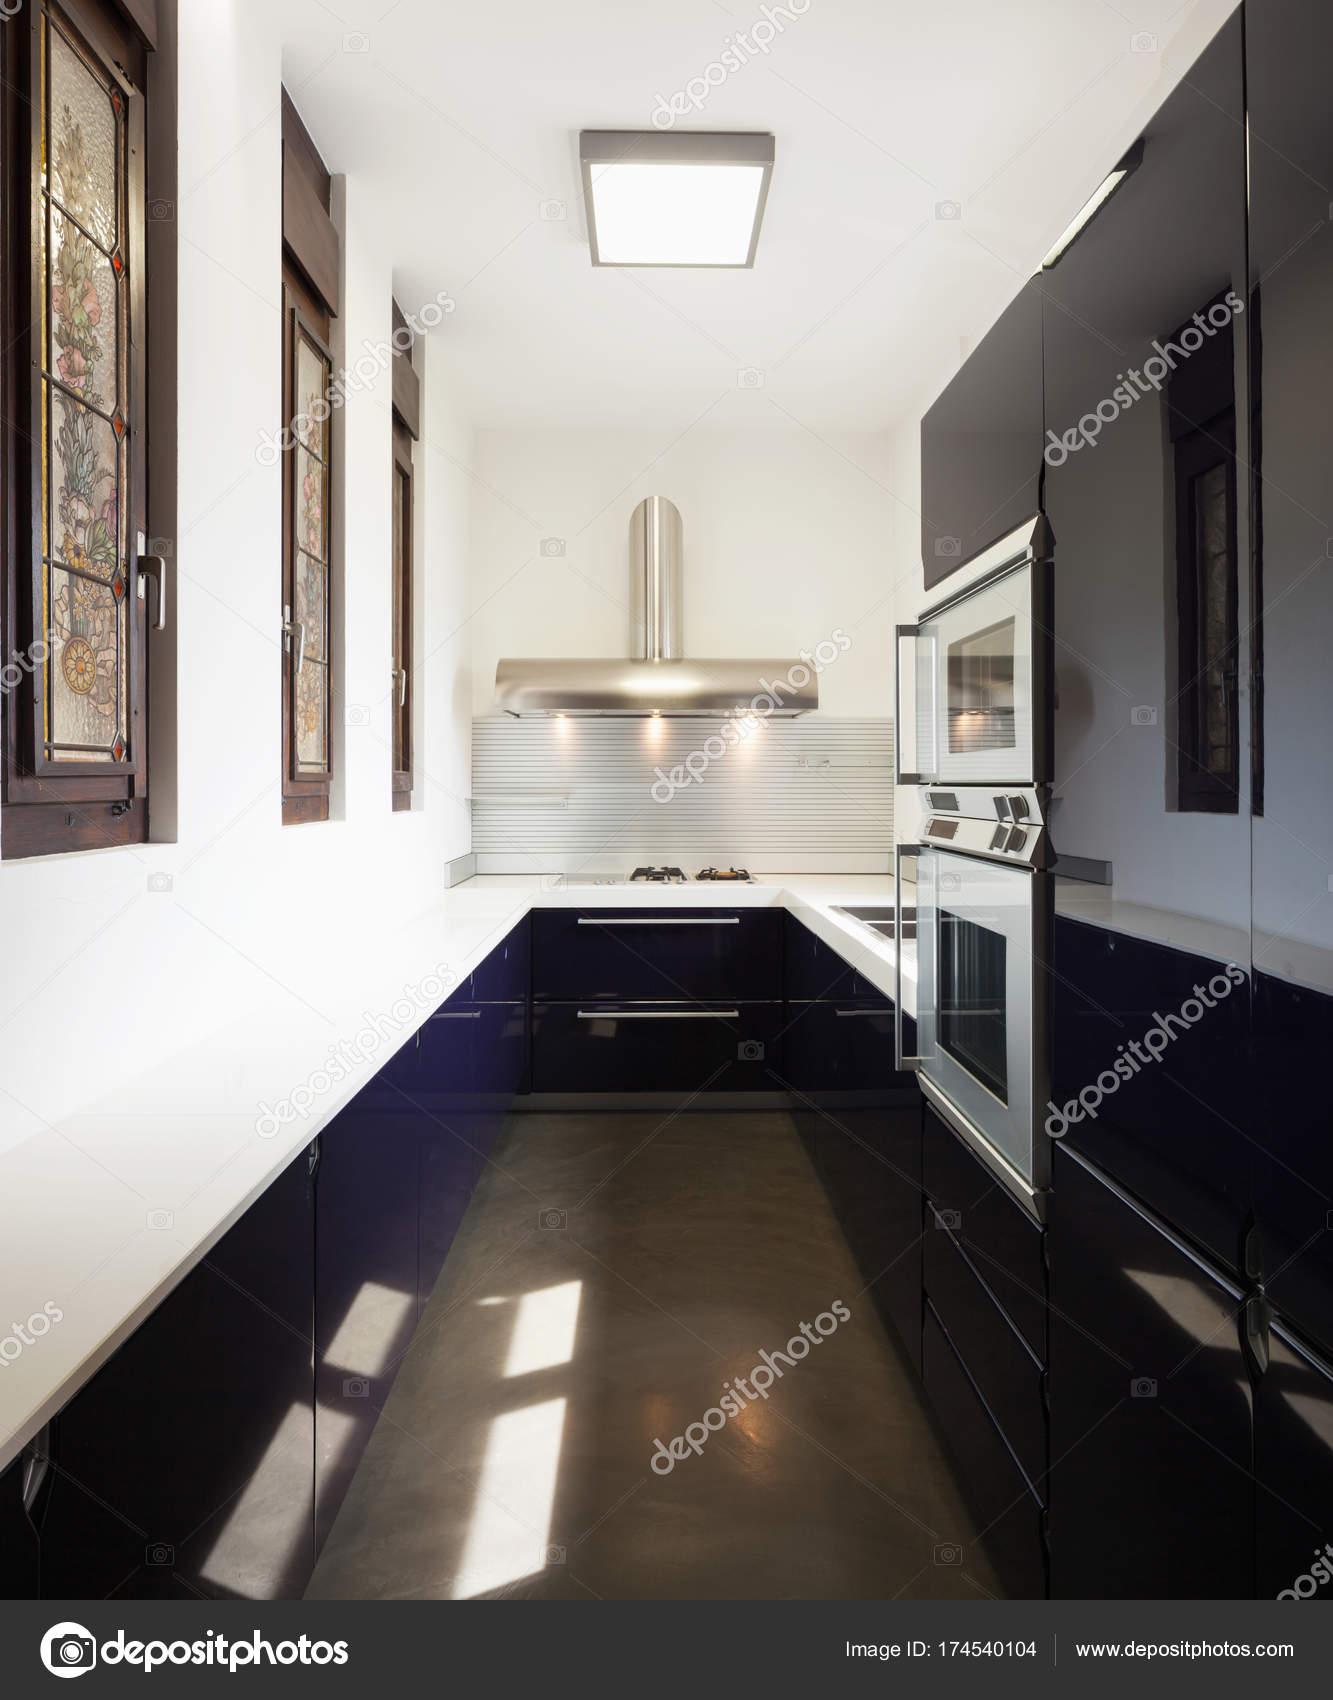 schöne moderne Küche — Stockfoto © Zveiger #174540104